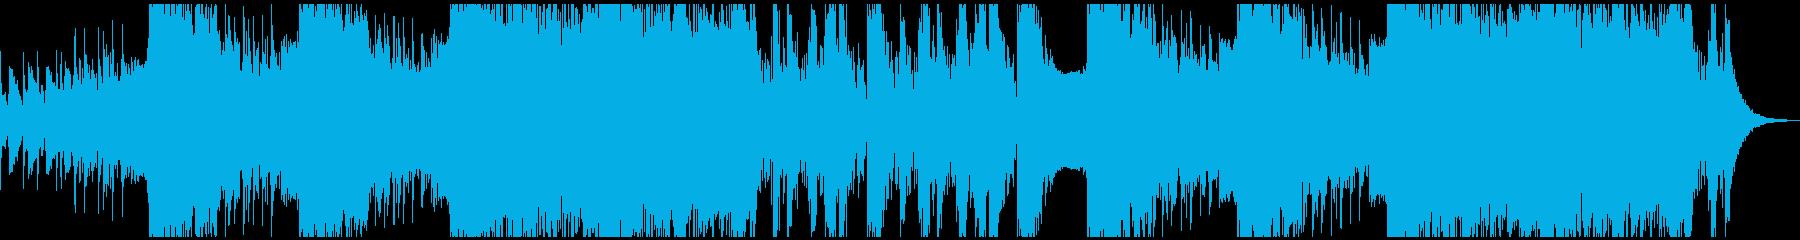 コーポレート 移動 シンセサイザー...の再生済みの波形